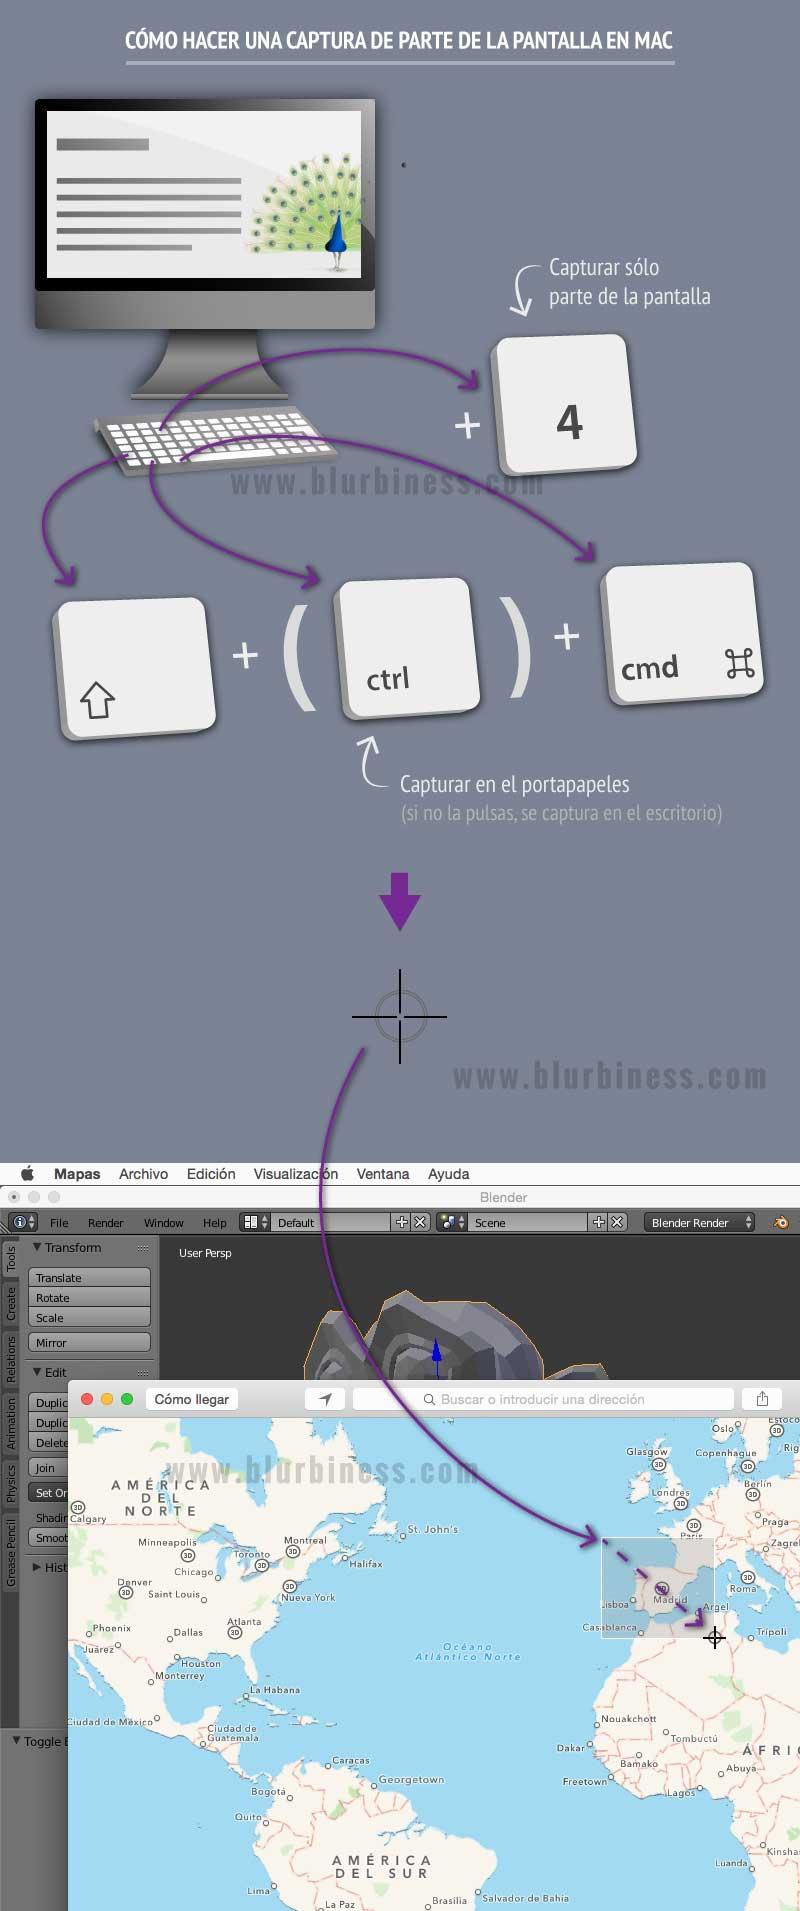 Cómo hacer una captura de parte de la pantalla en Mac